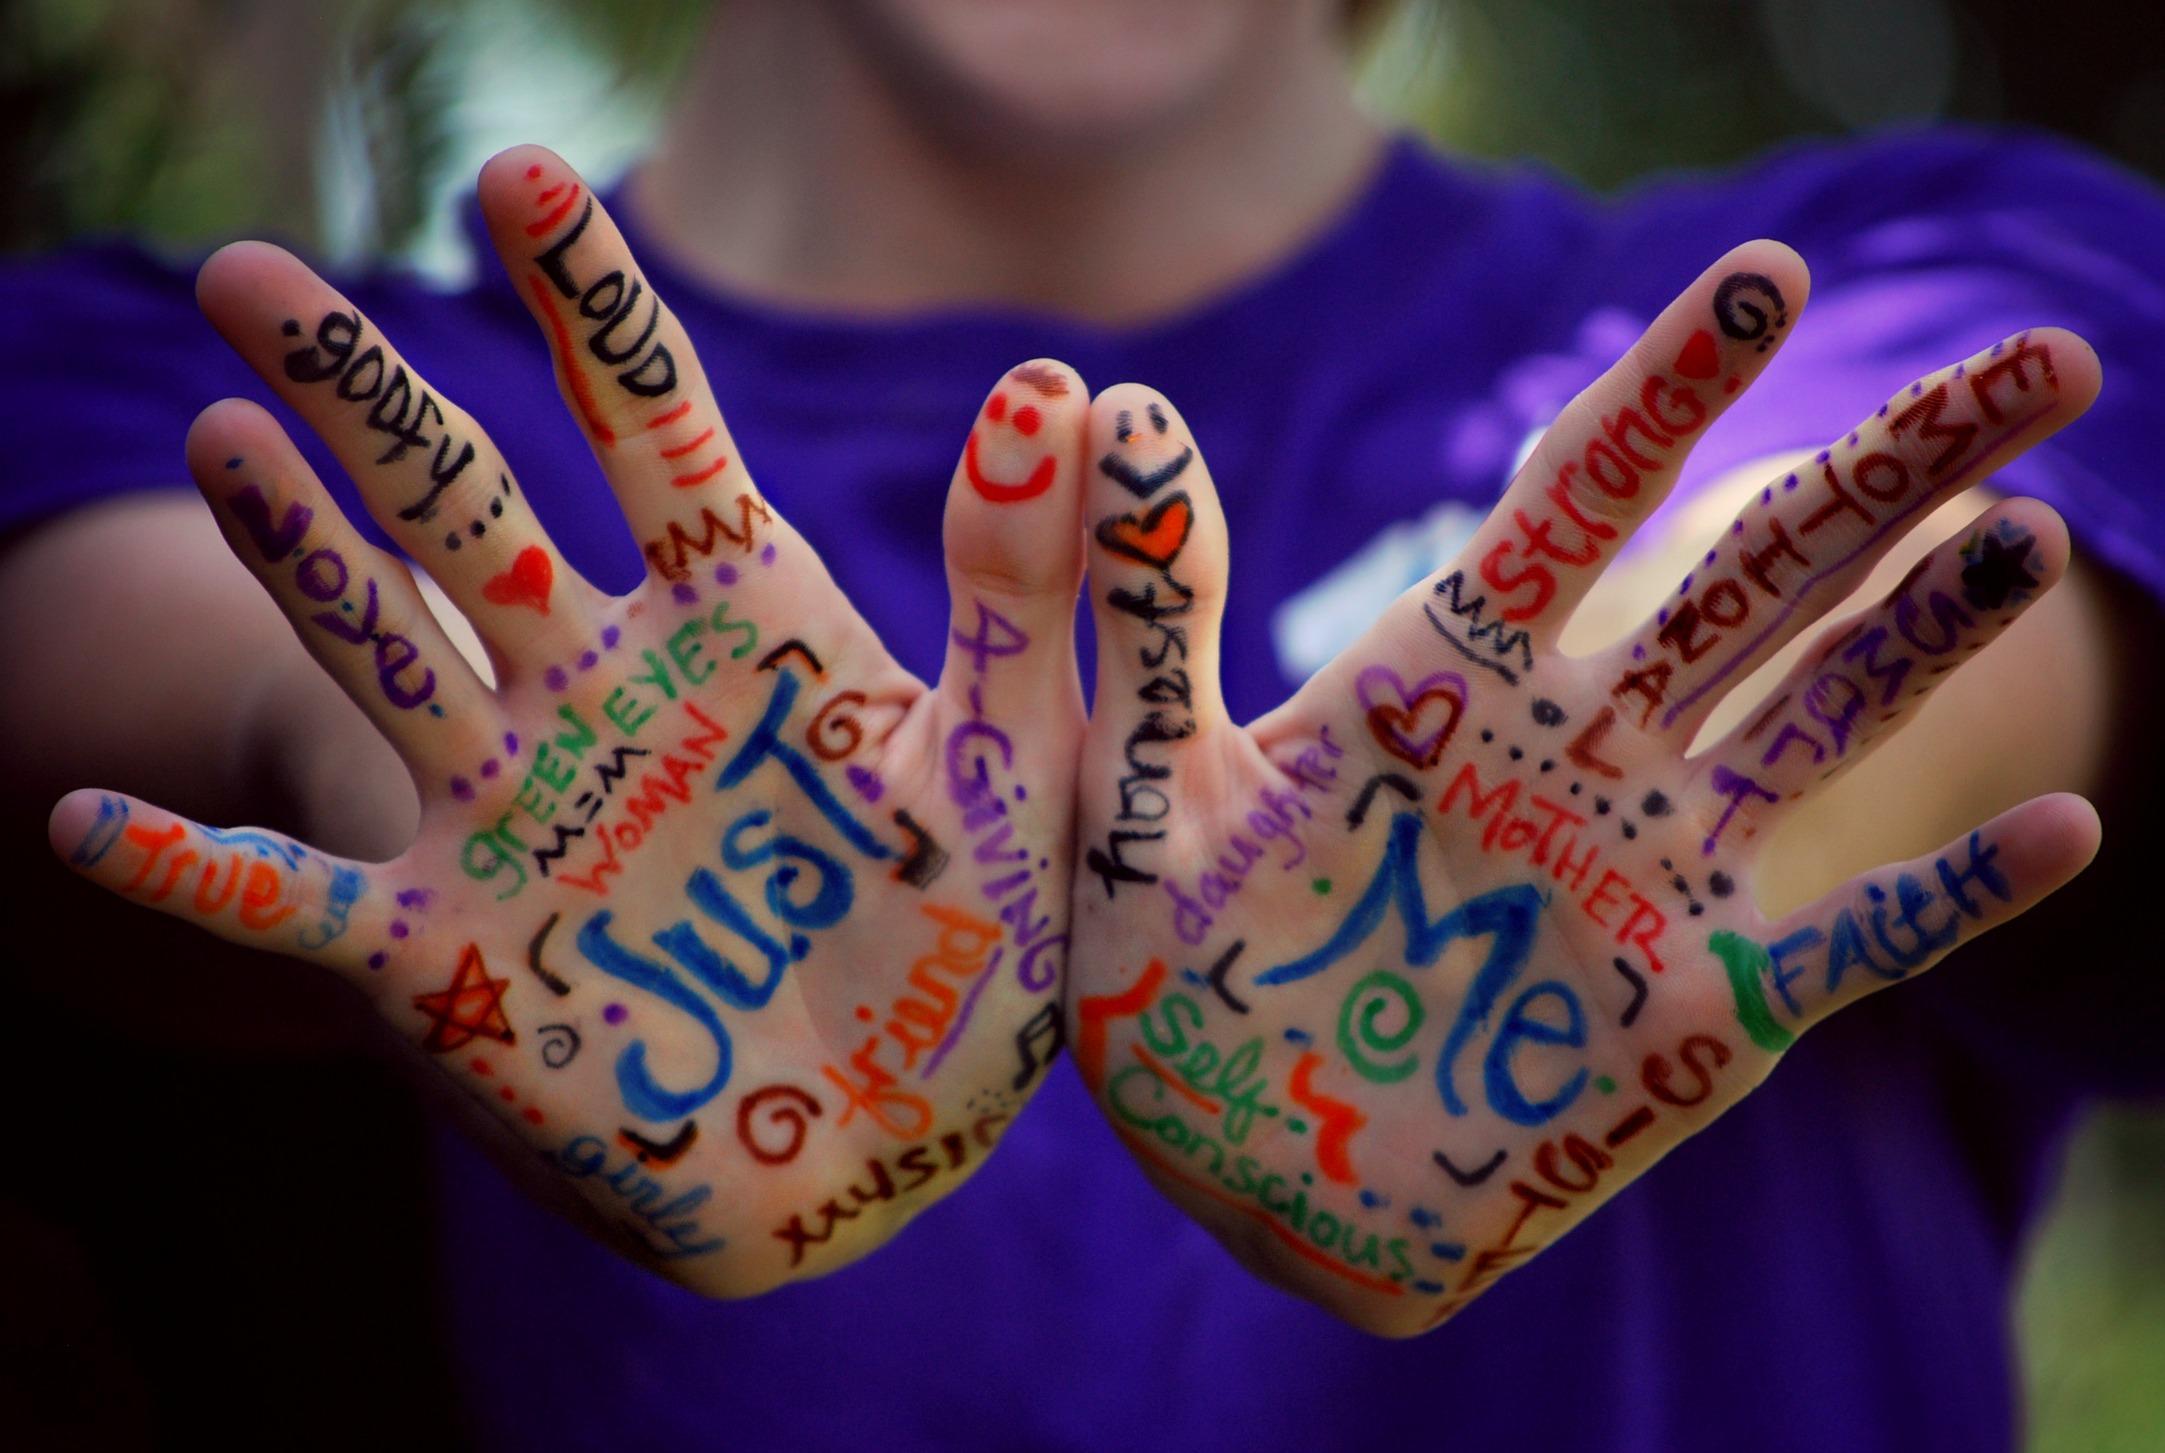 Chico con las manos pintadas